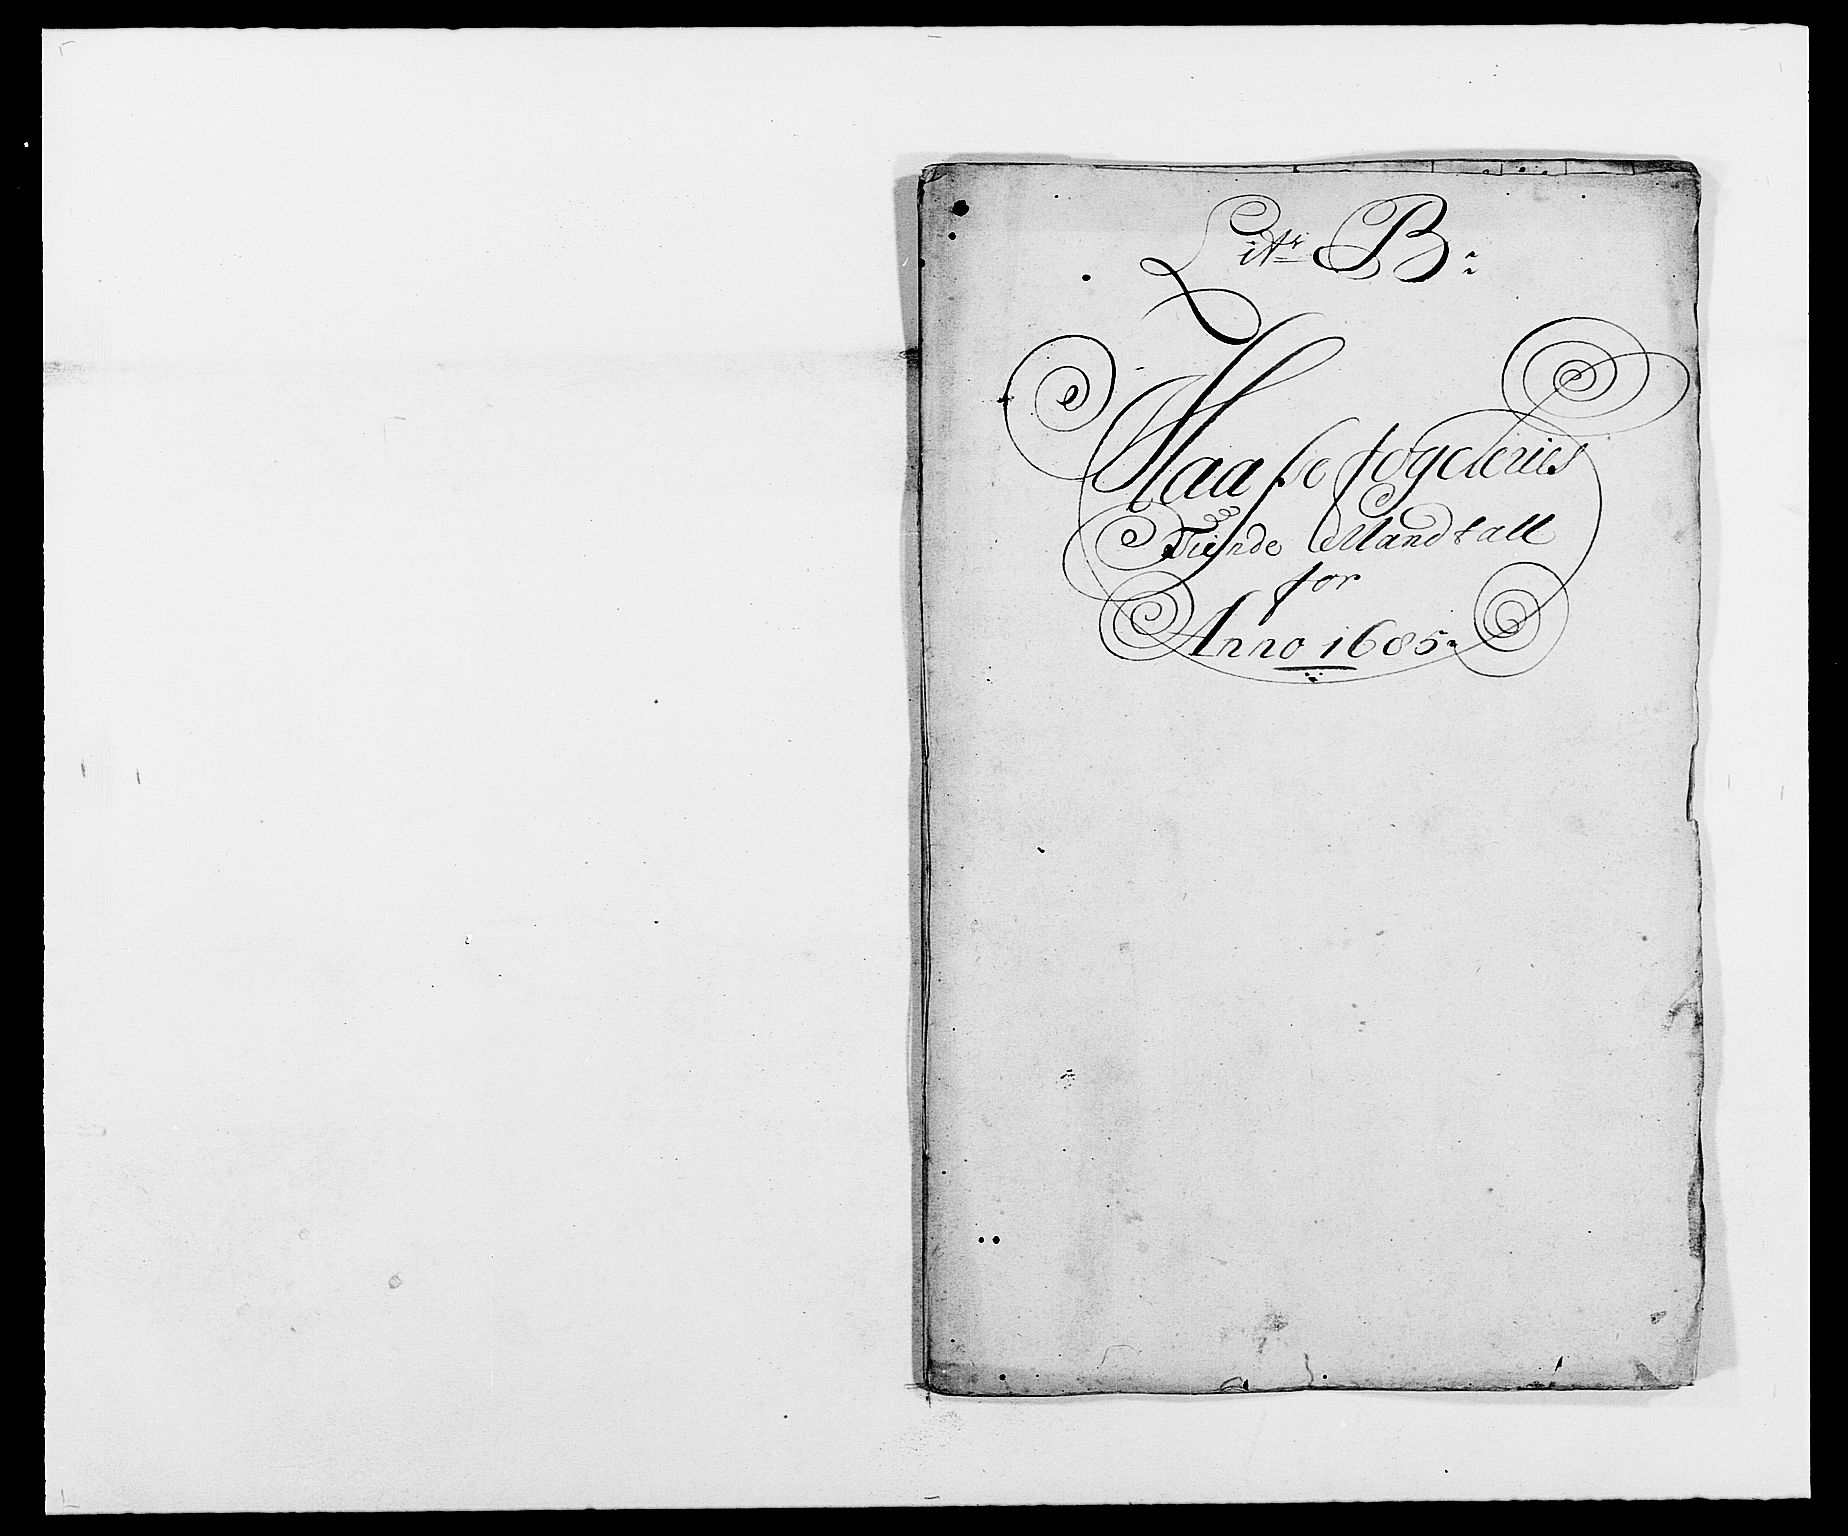 RA, Rentekammeret inntil 1814, Reviderte regnskaper, Fogderegnskap, R02/L0105: Fogderegnskap Moss og Verne kloster, 1685-1687, s. 40